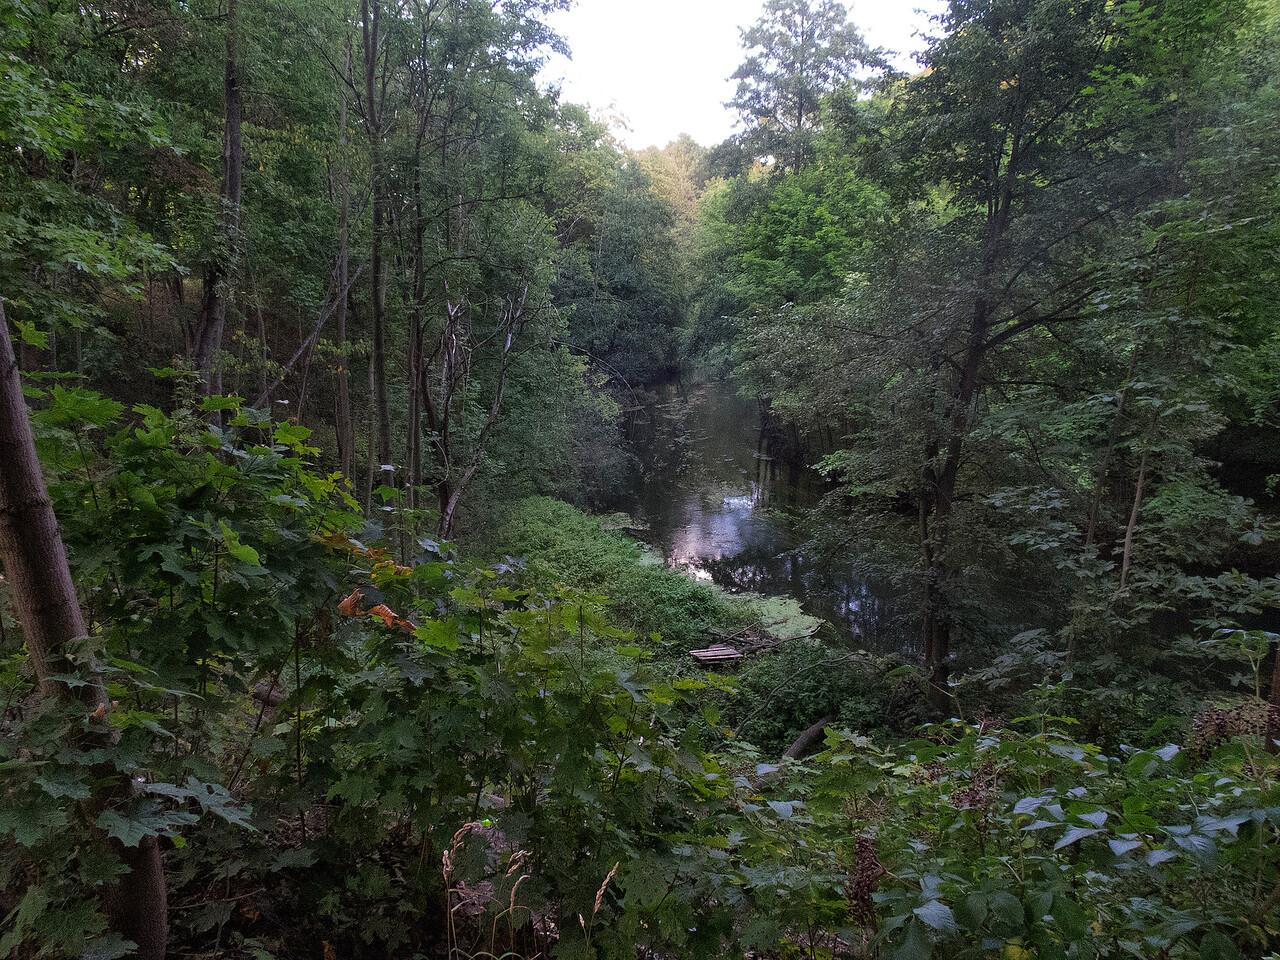 River Lyna, Olsztyn, Polska / Rzeka Lyna, Olsztyn, Polska